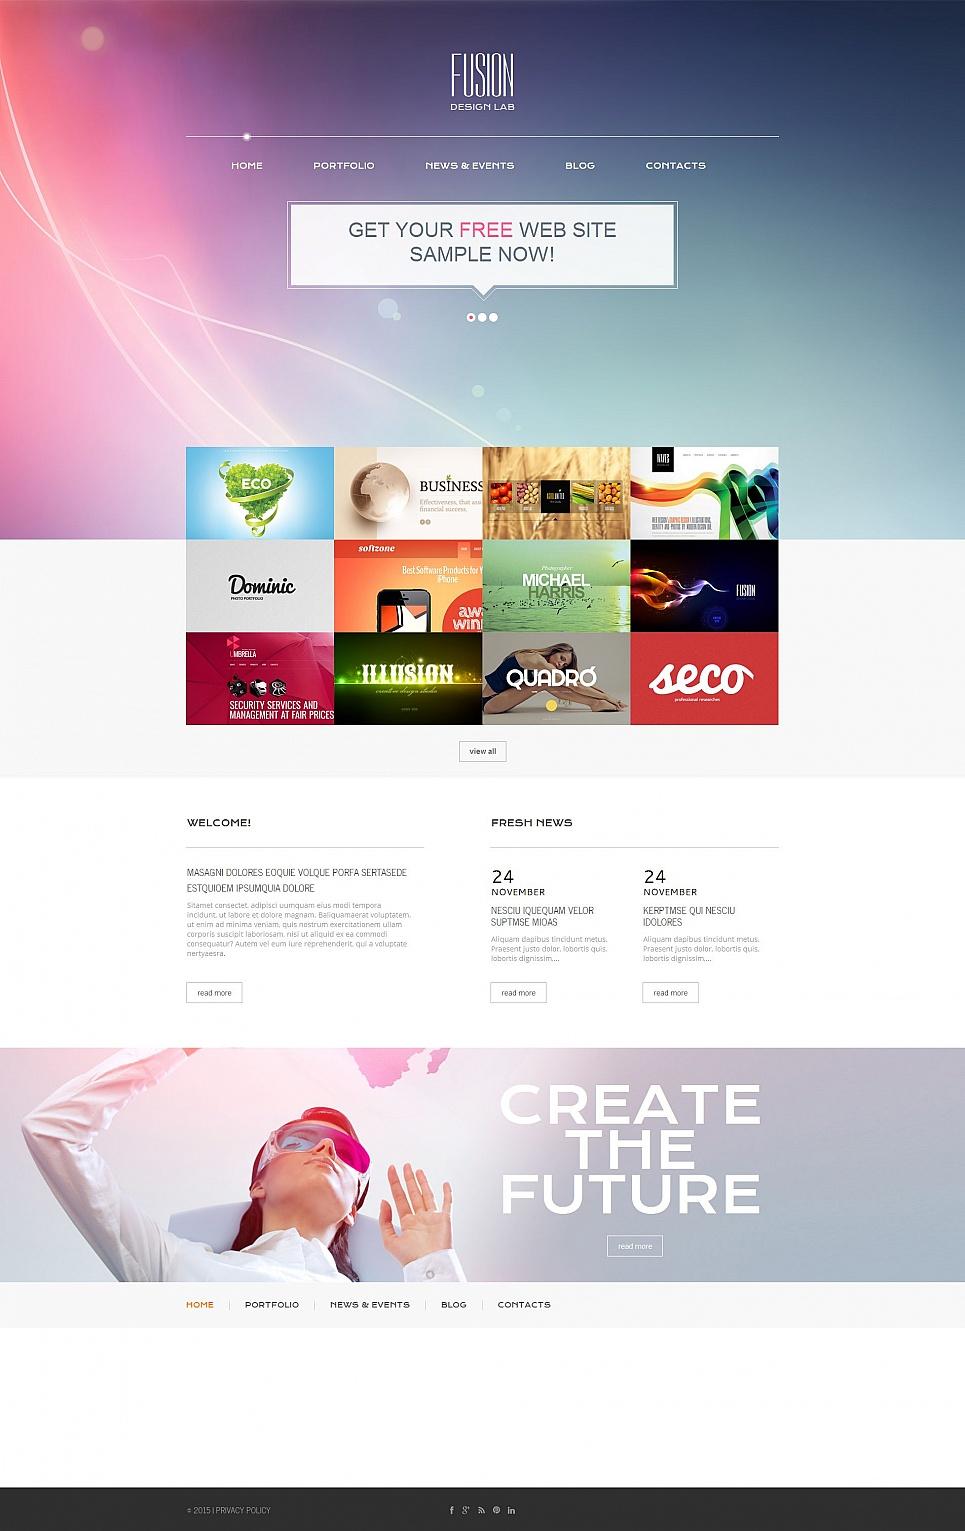 MotoCMS HTML Plantilla #54762 de categoría Diseño Web - image